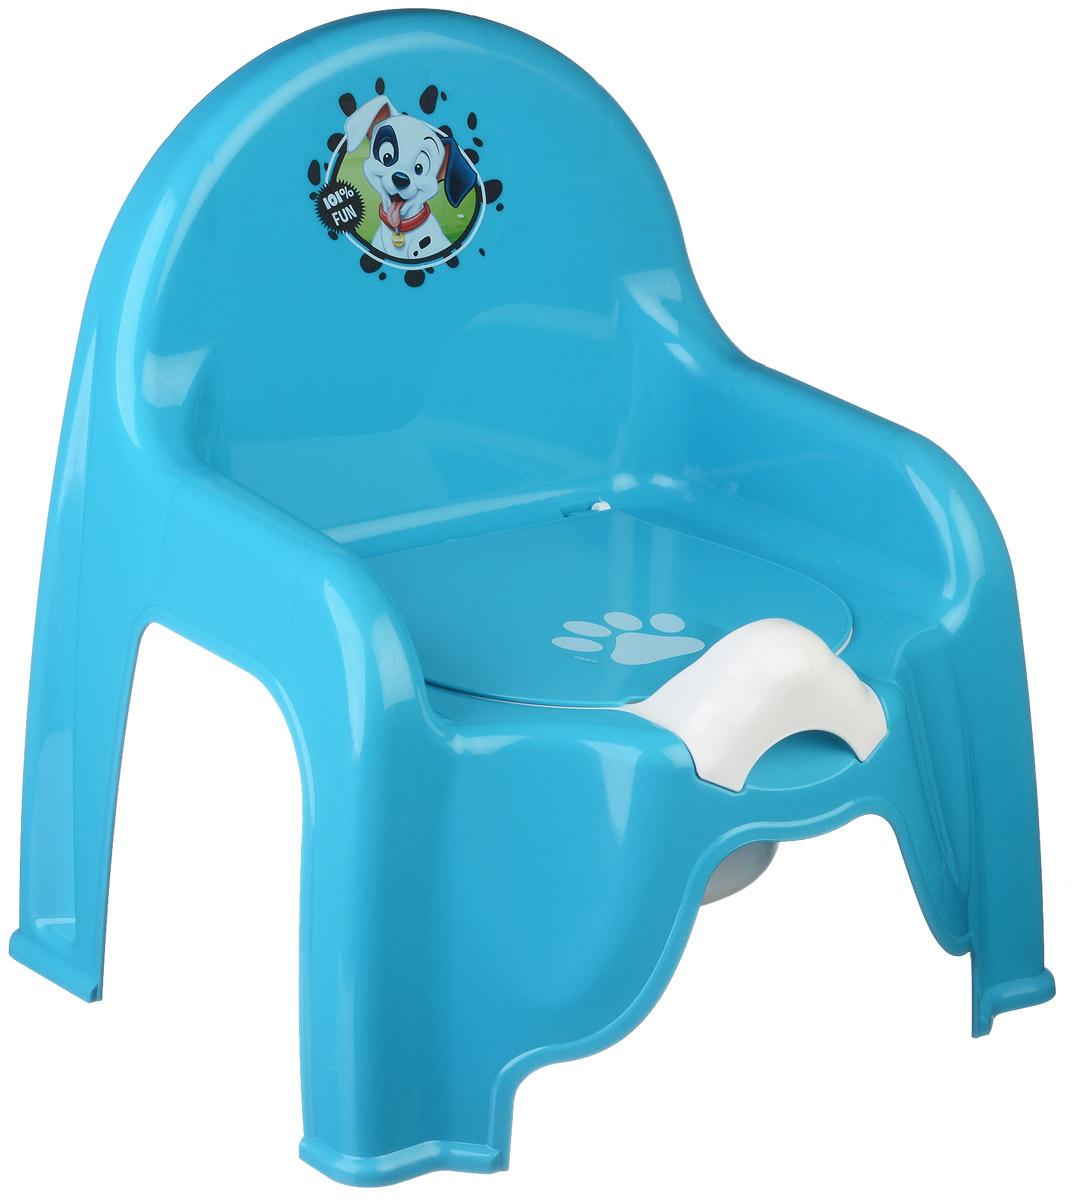 Disney Горшок-стульчик детский цвет бирюзовый